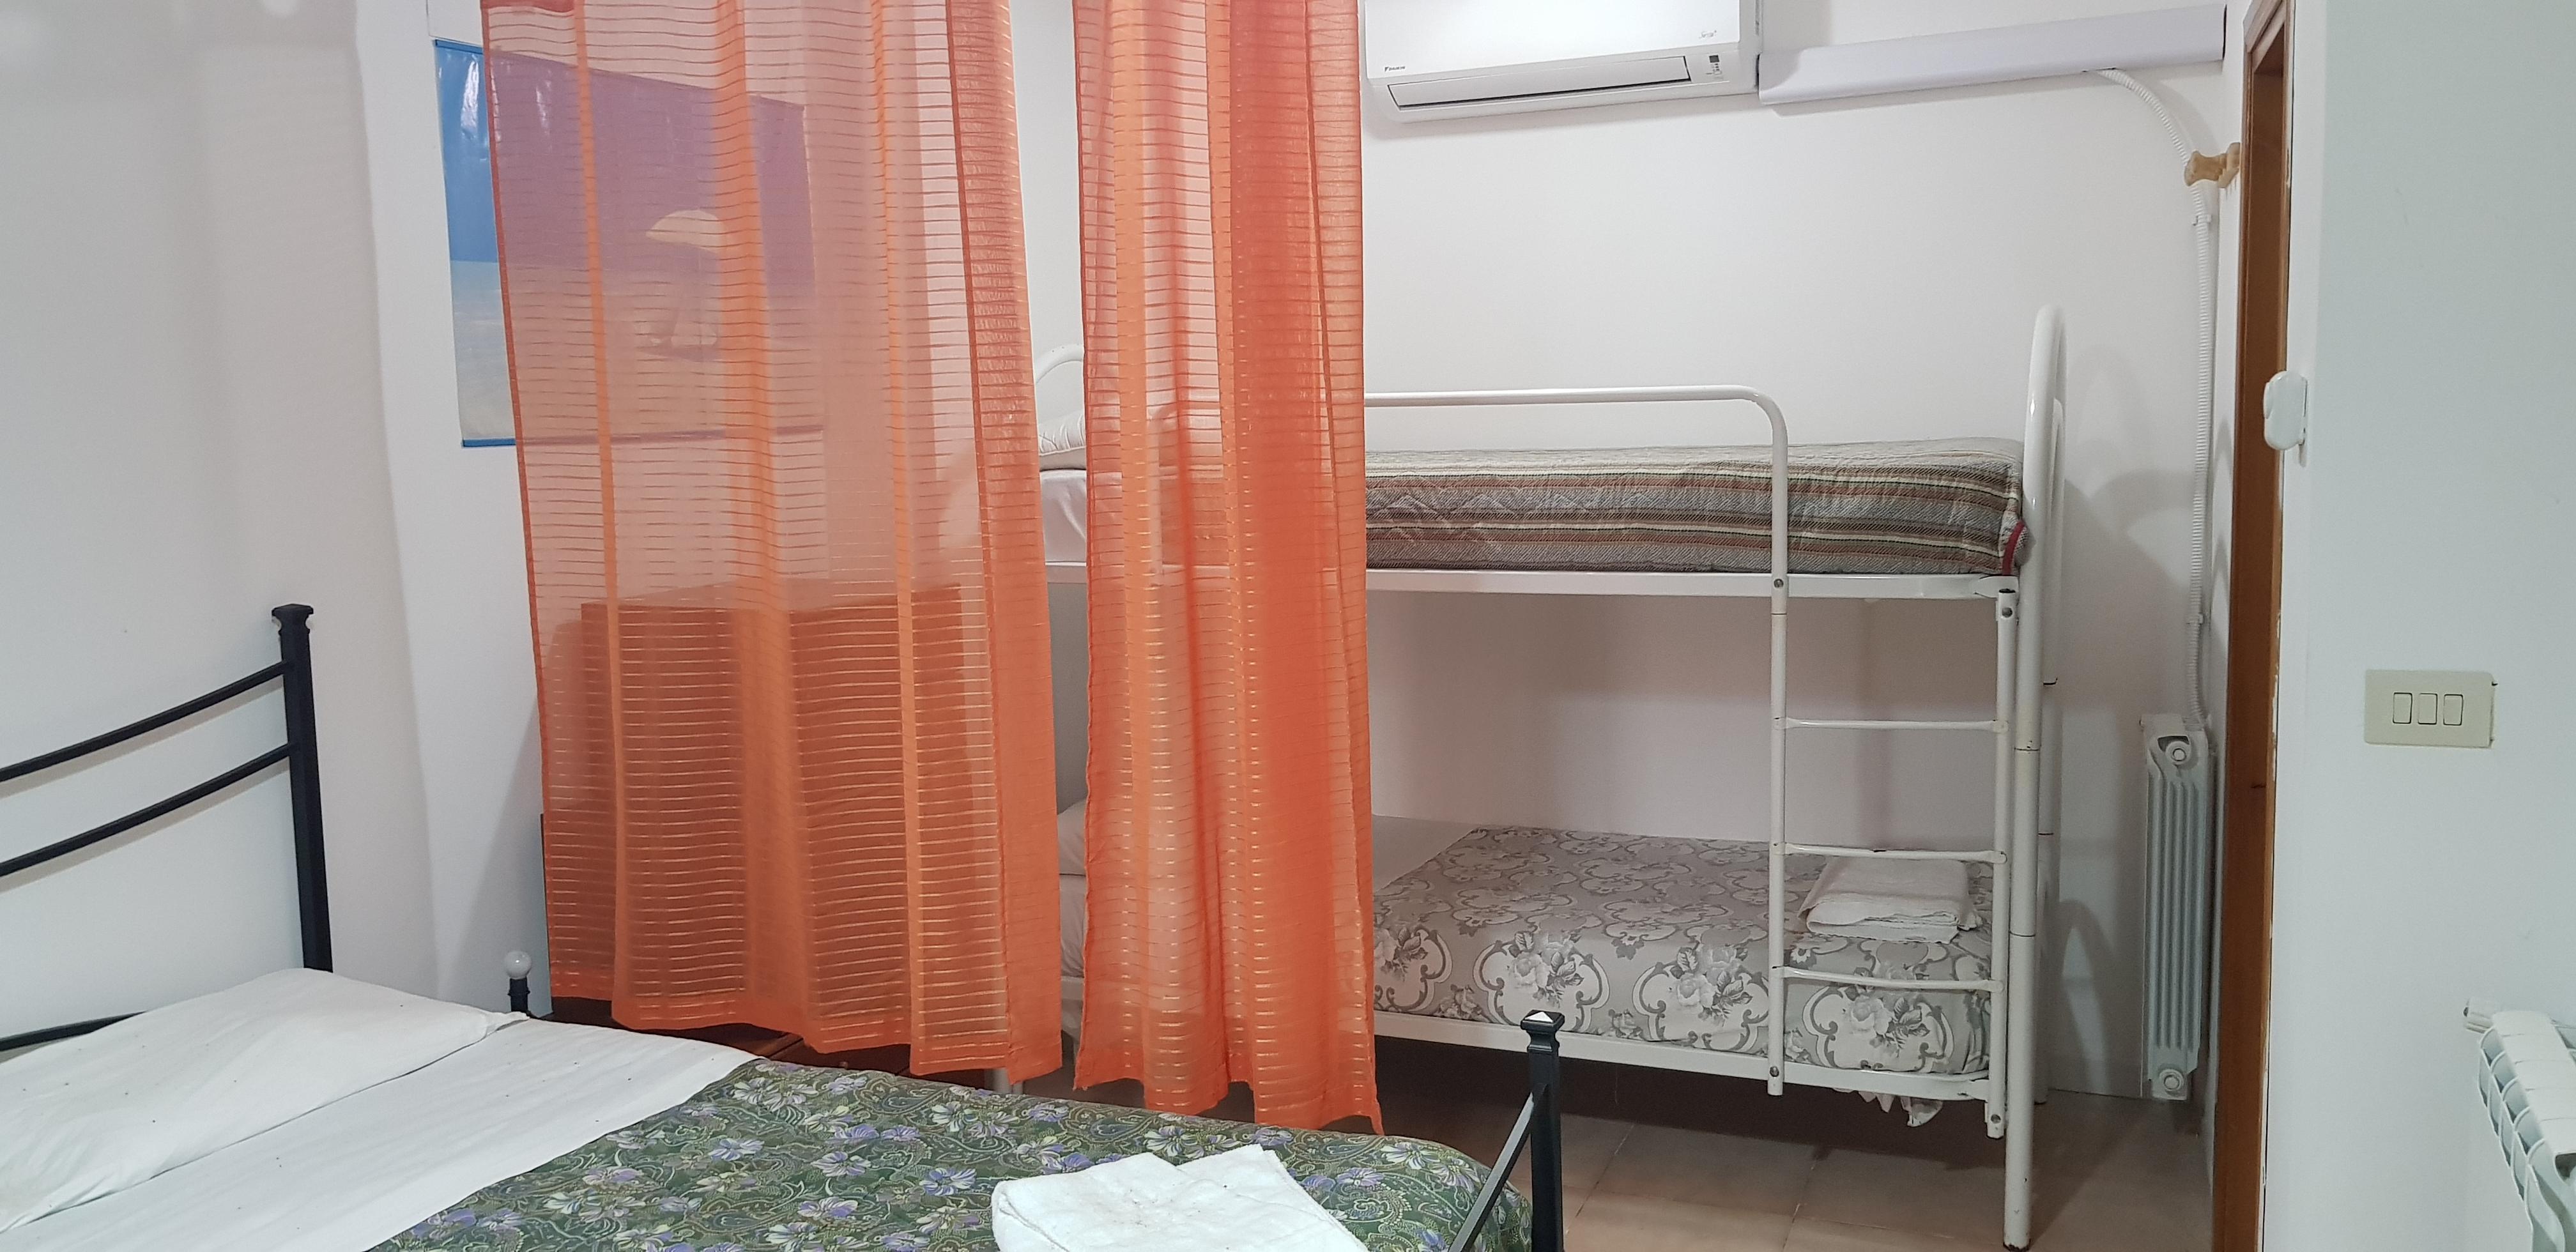 Incantamondo Ventotene casa vacanza b&b a ventotene ...